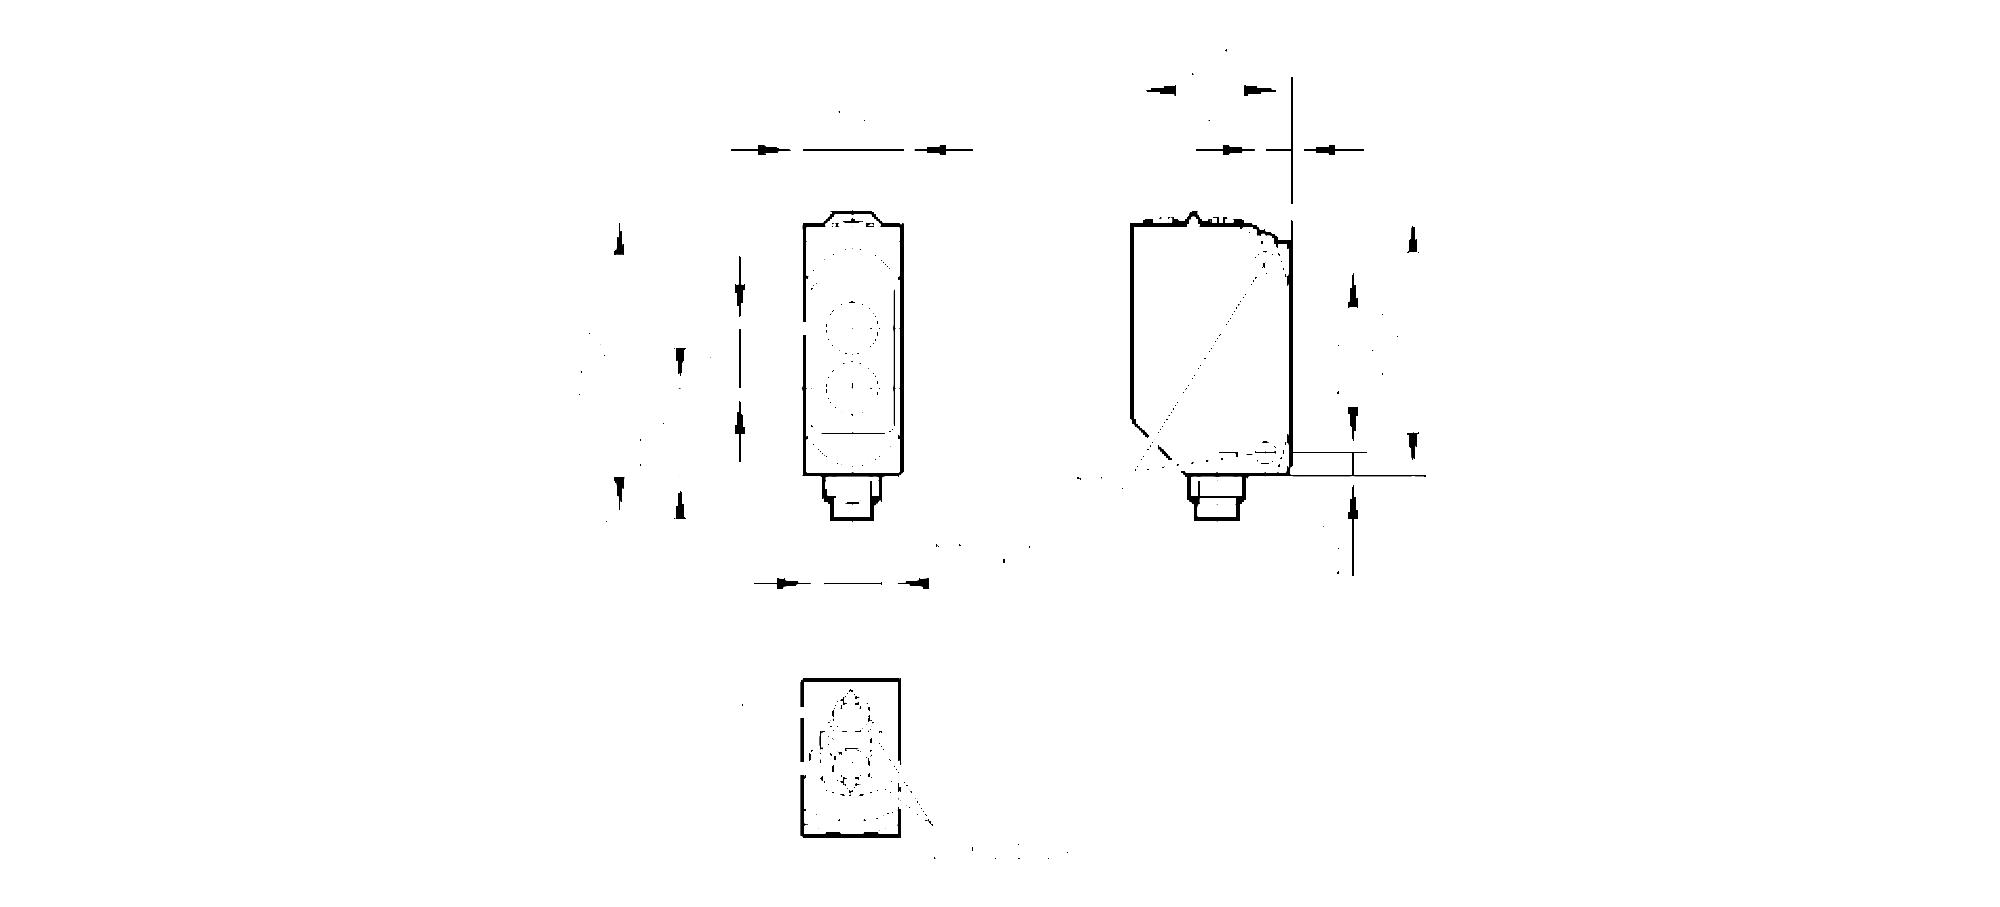 o6p303 - retro-reflective sensor